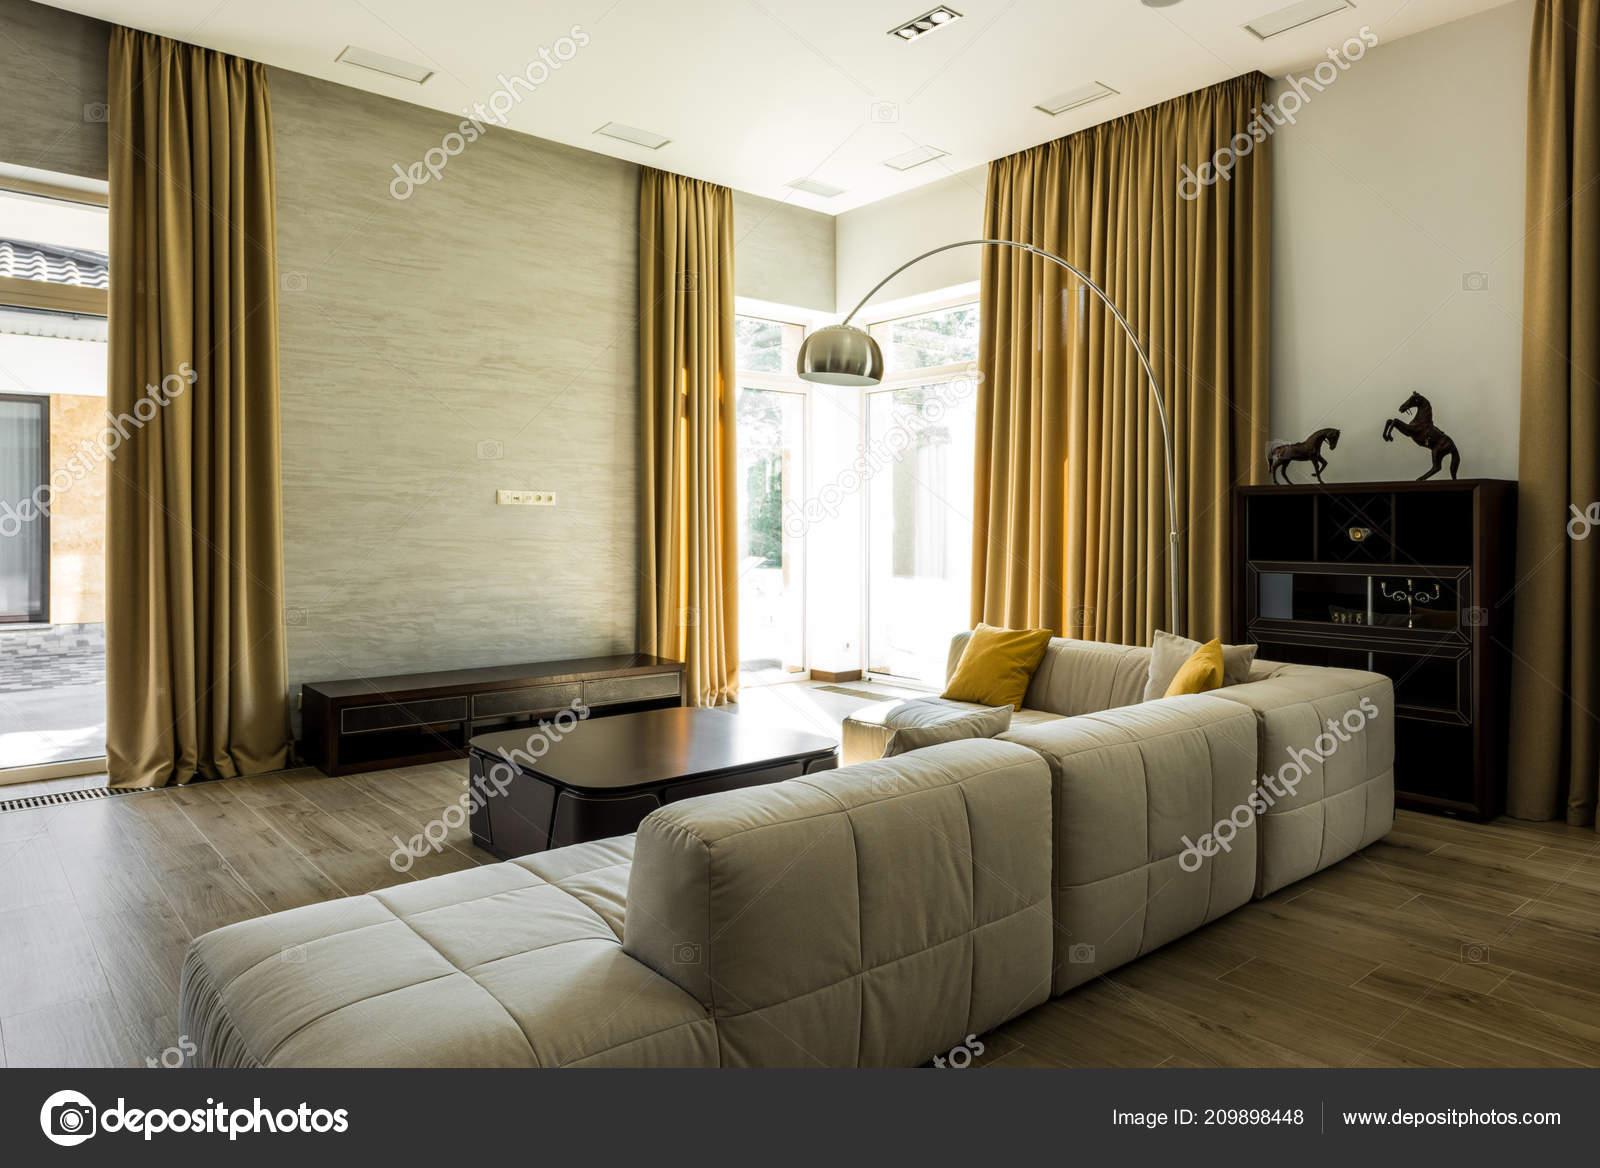 interieur van lege moderne woonkamer met sofa en grote ramen met de gordijnen foto van y boychenko